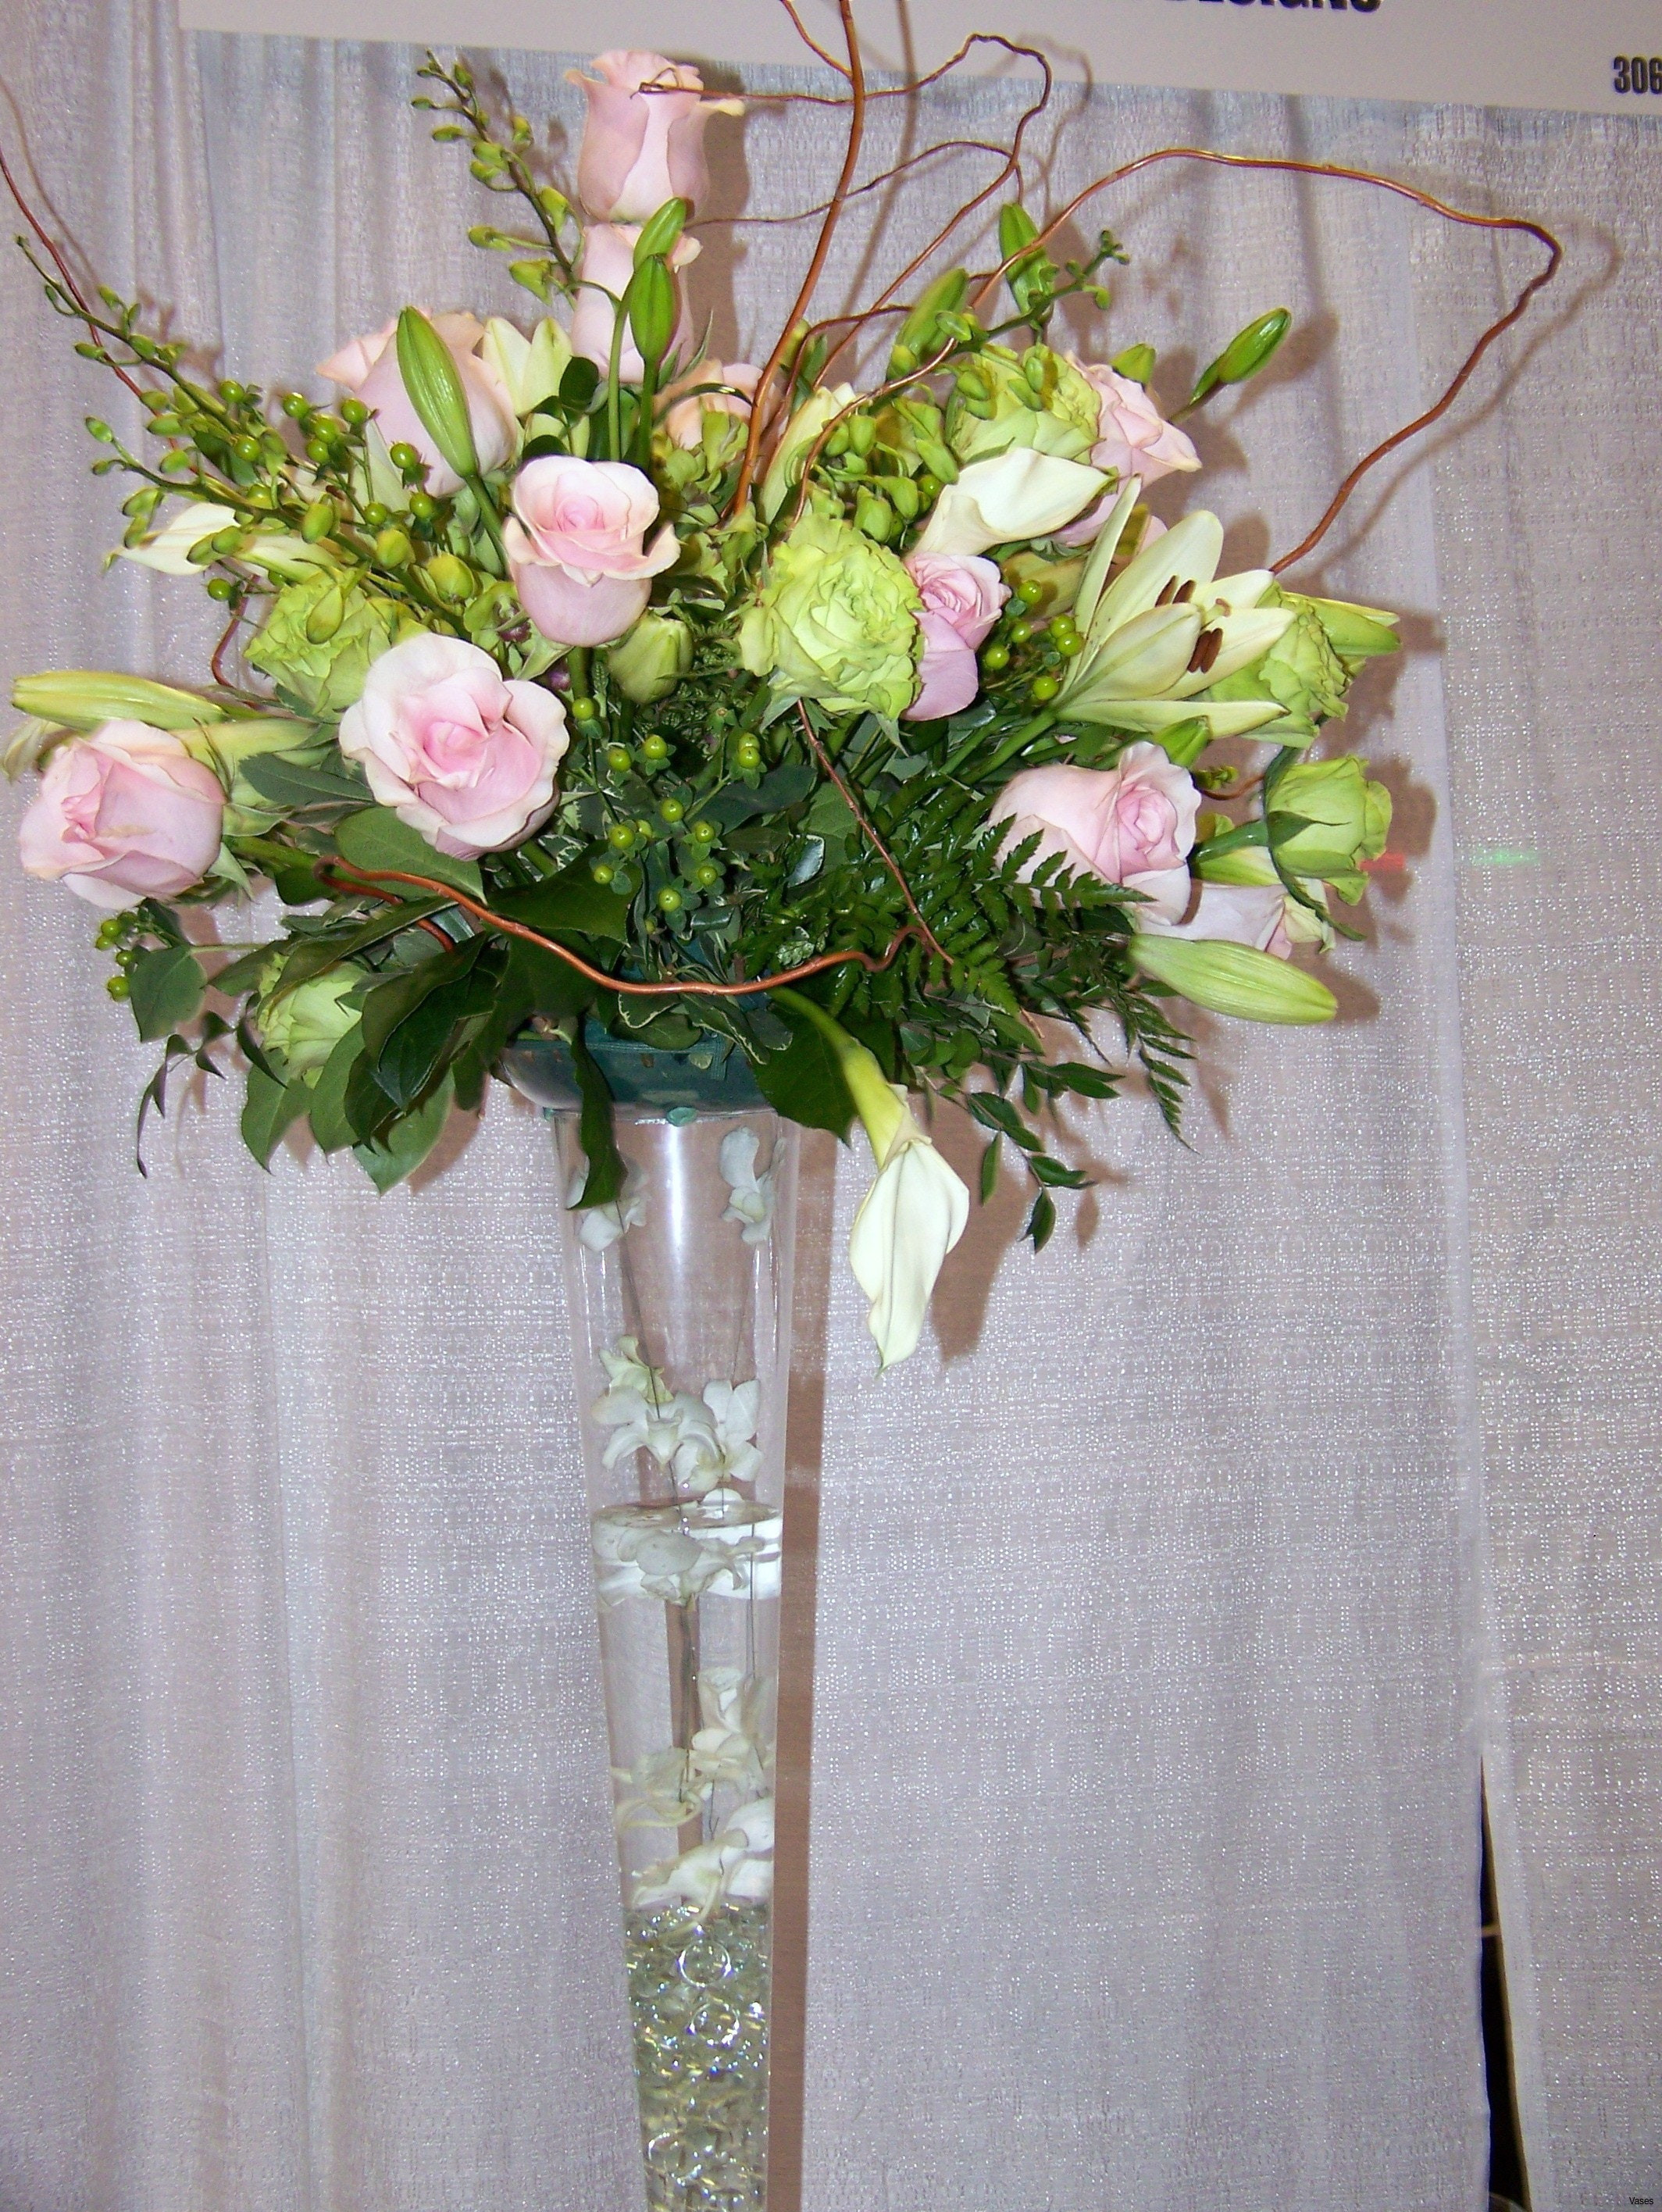 large pink floor vase of 17 new large pink vase bogekompresorturkiye com within large pink vase luxury 32 beautiful pink silk flower of 17 new large pink vase